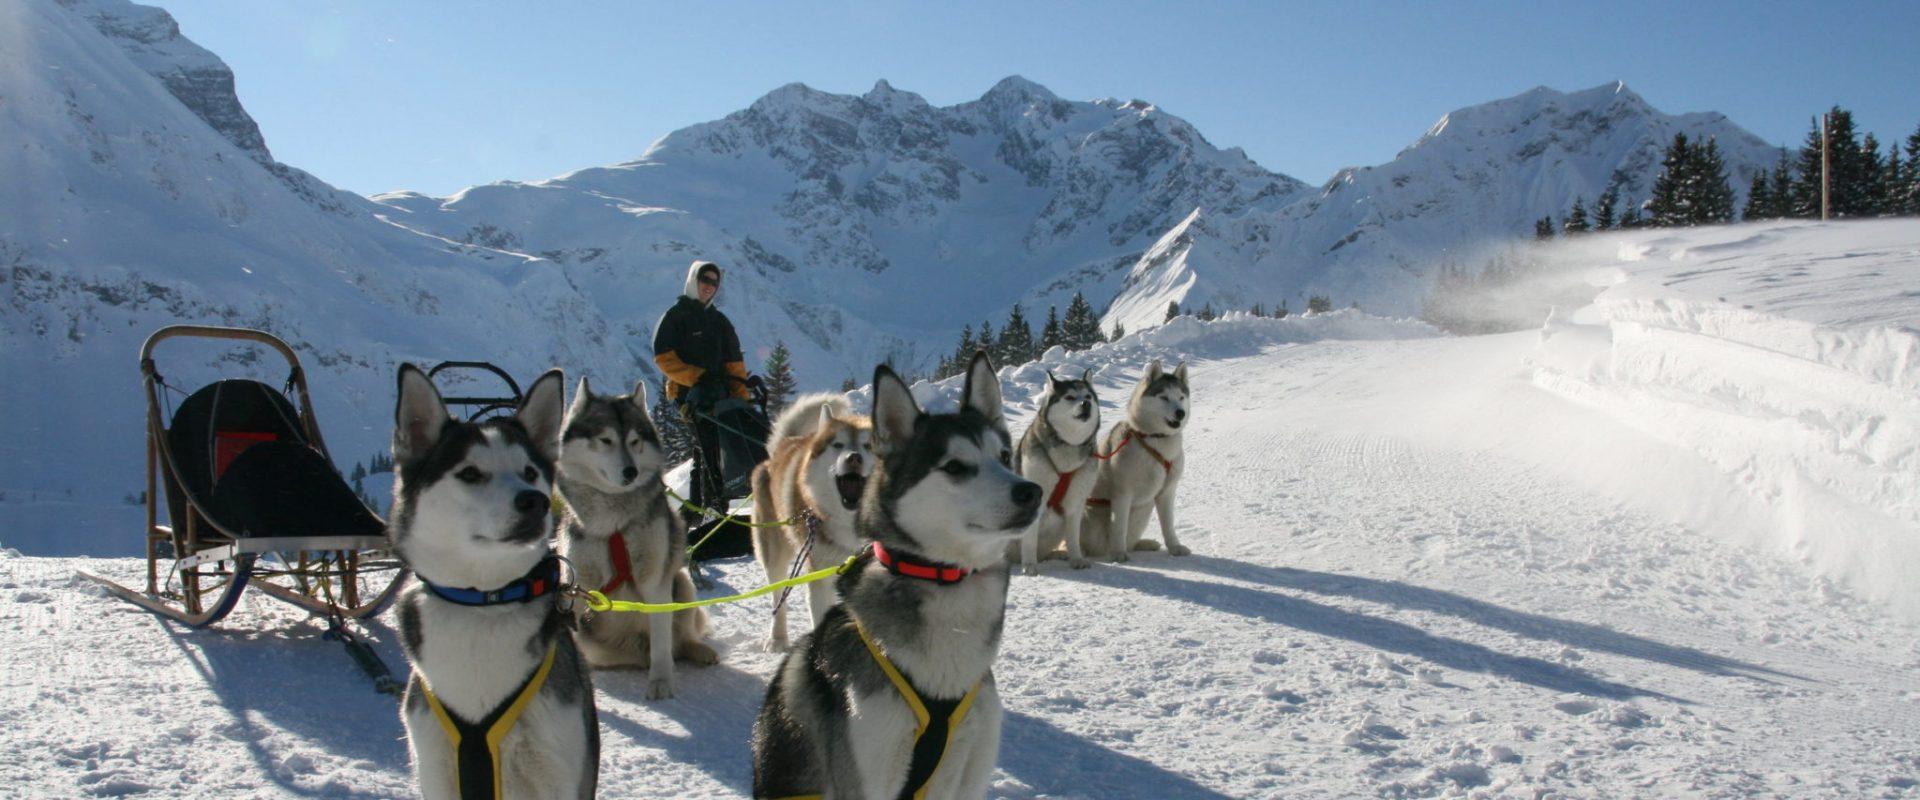 Husky Tour © Marc Van Landeghem / Bregenzerwald Tourismus